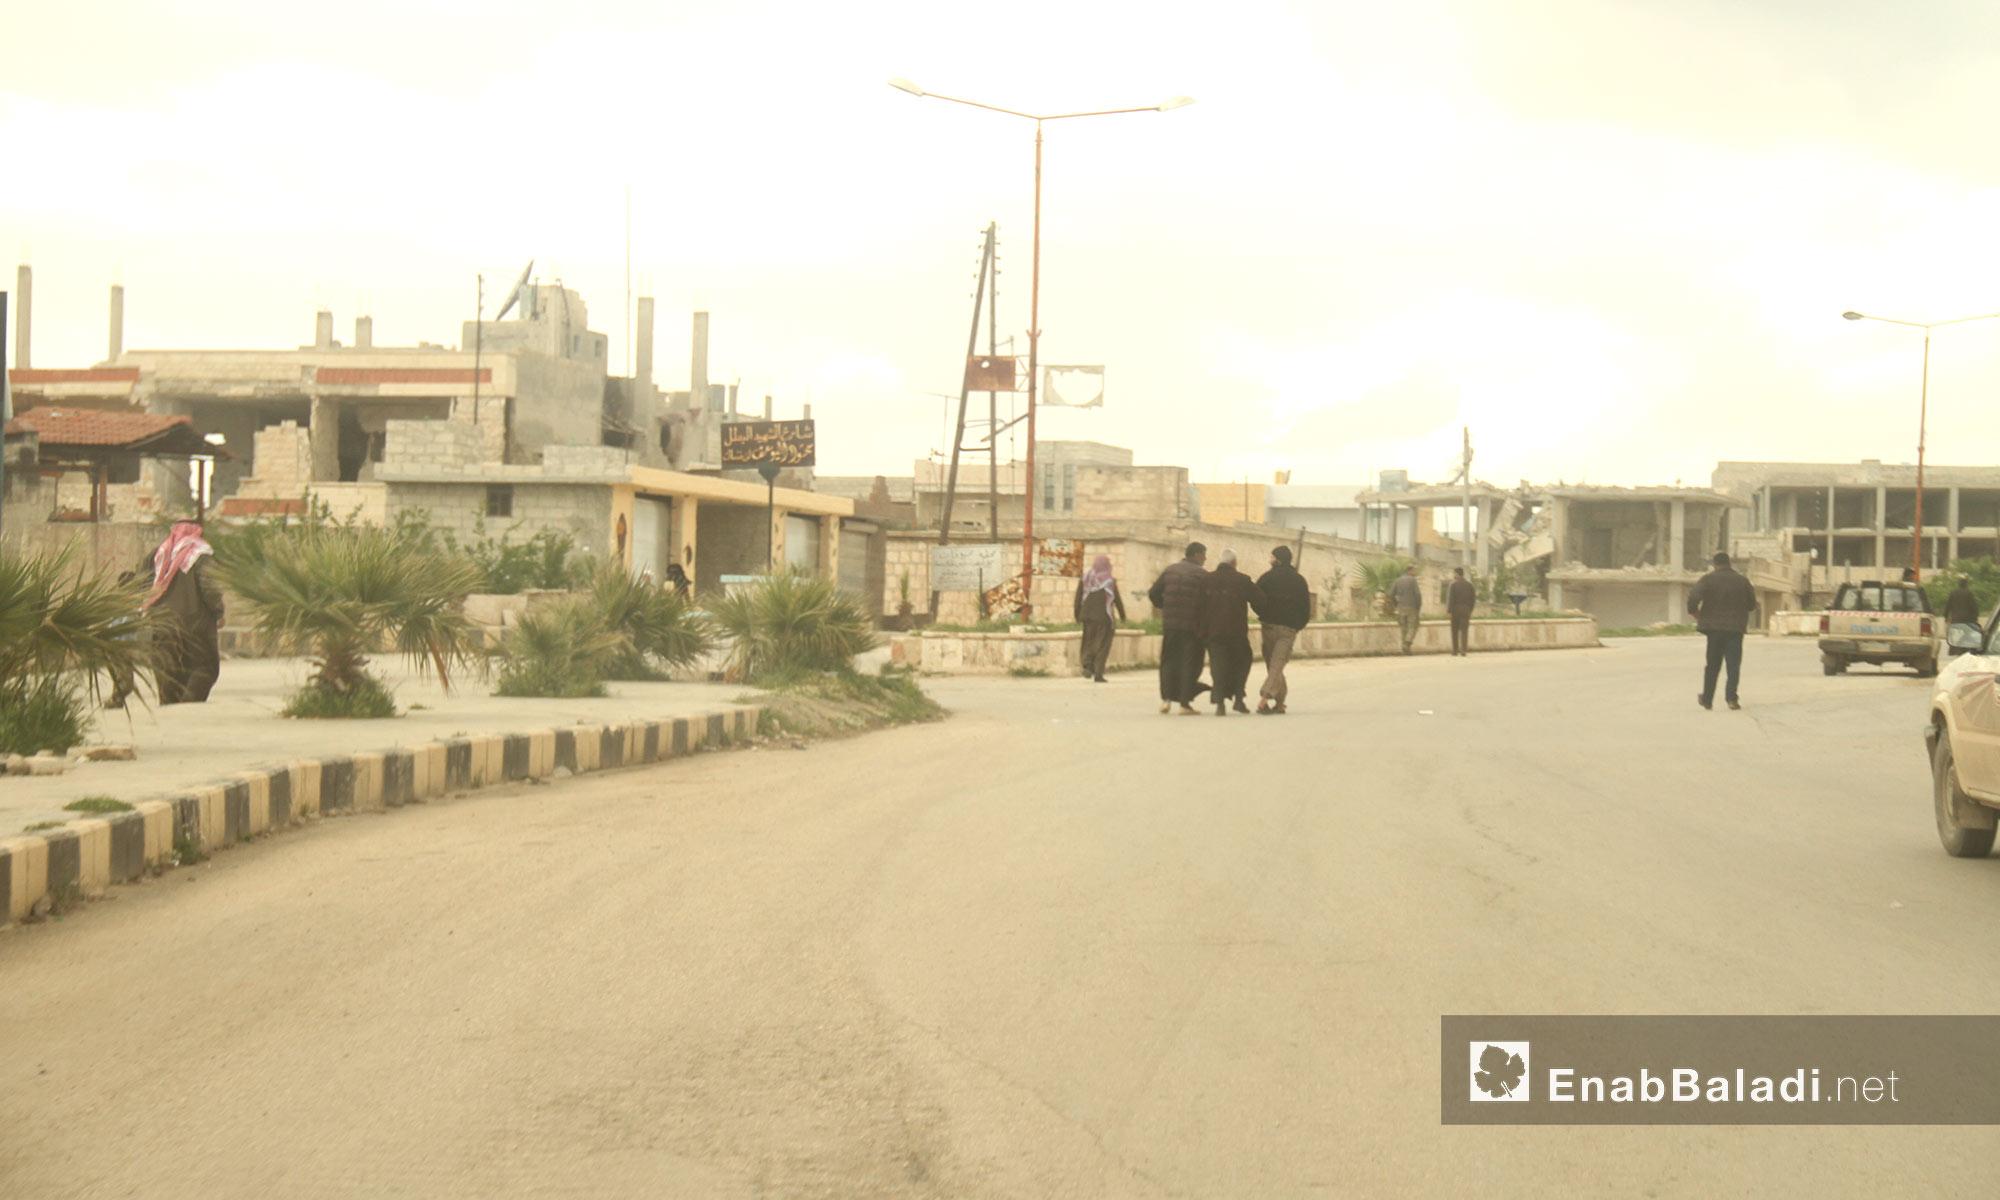 الشارع الذي سقطت فيه الصواريخ المحملة بالغازات السامة في خان شيخون بإدلب - 14 نيسان 2017 (عنب بلدي)